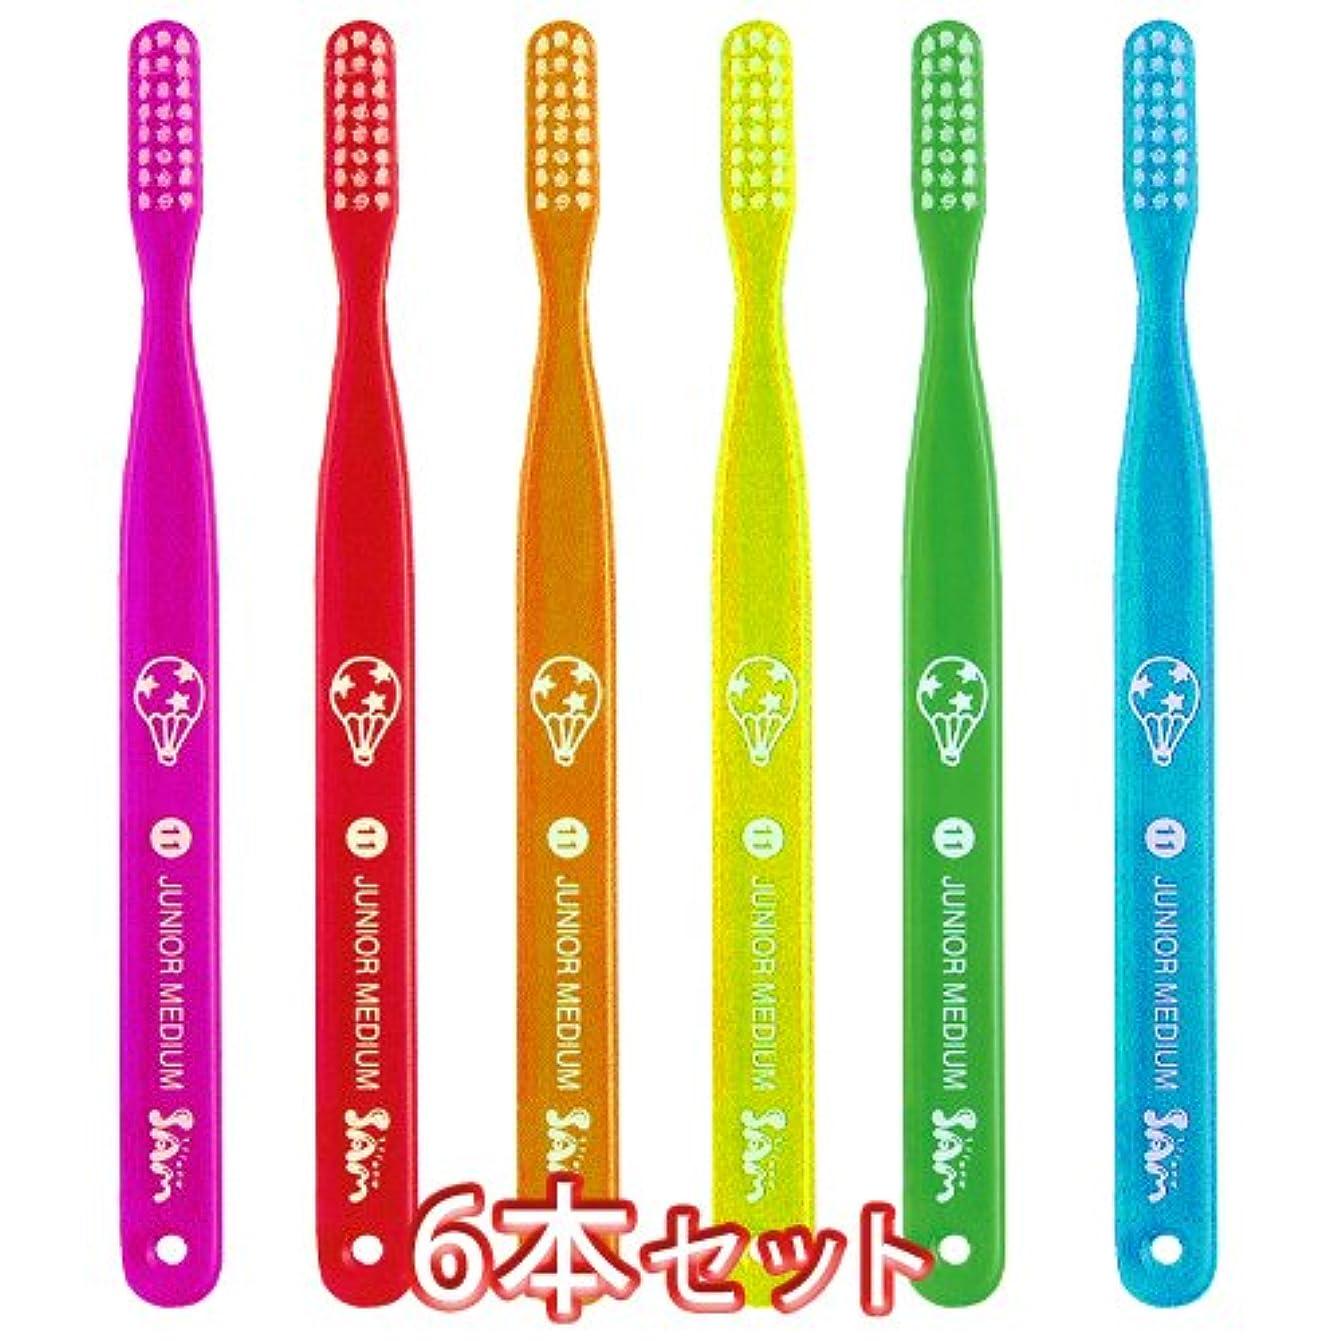 フォーマル仮称凍ったサムフレンド ベーシック 歯ブラシ × 6本 アソート (11)